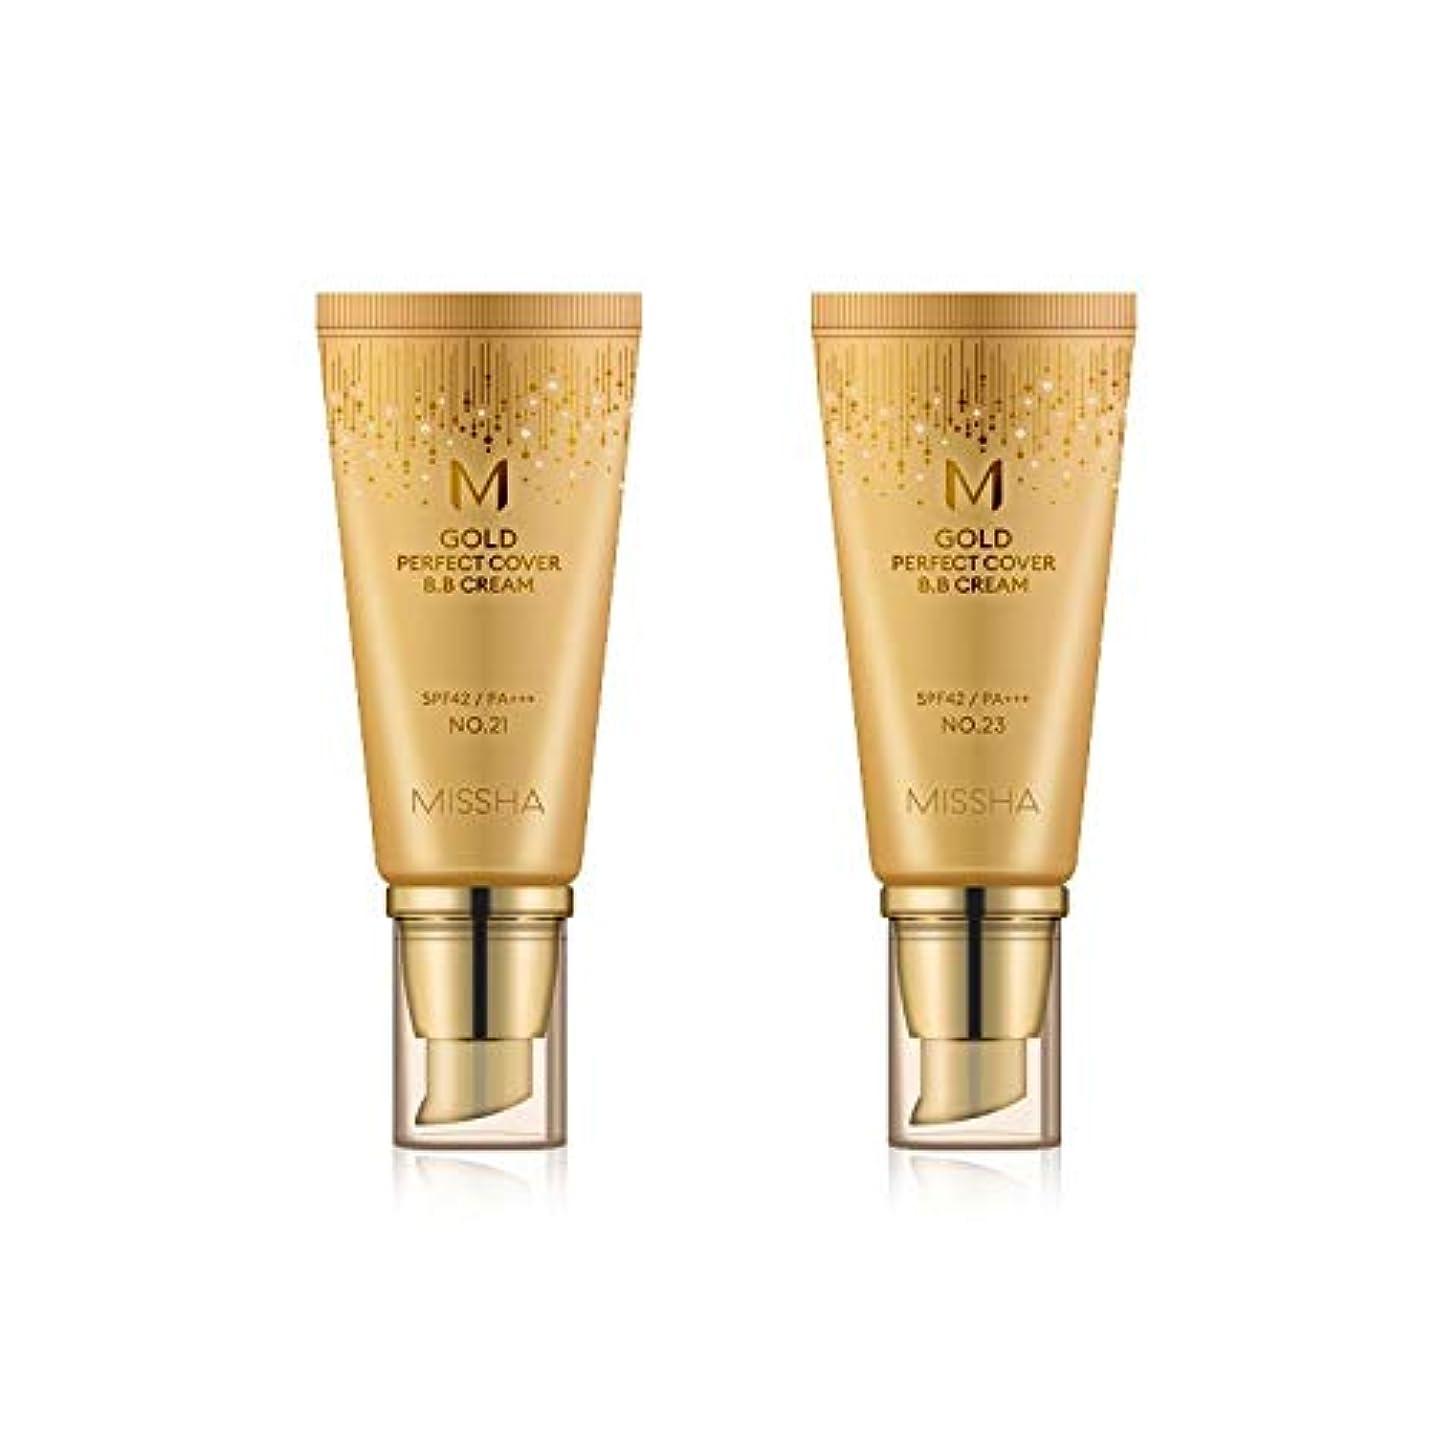 ピーク幸運なことに小説MISSHA Gold Perfecte Cover BB Cream SPF42 PA+++ / ミシャ ゴールド パーフェクト カバー BBクリーム 50ml *NO.23 [並行輸入品]